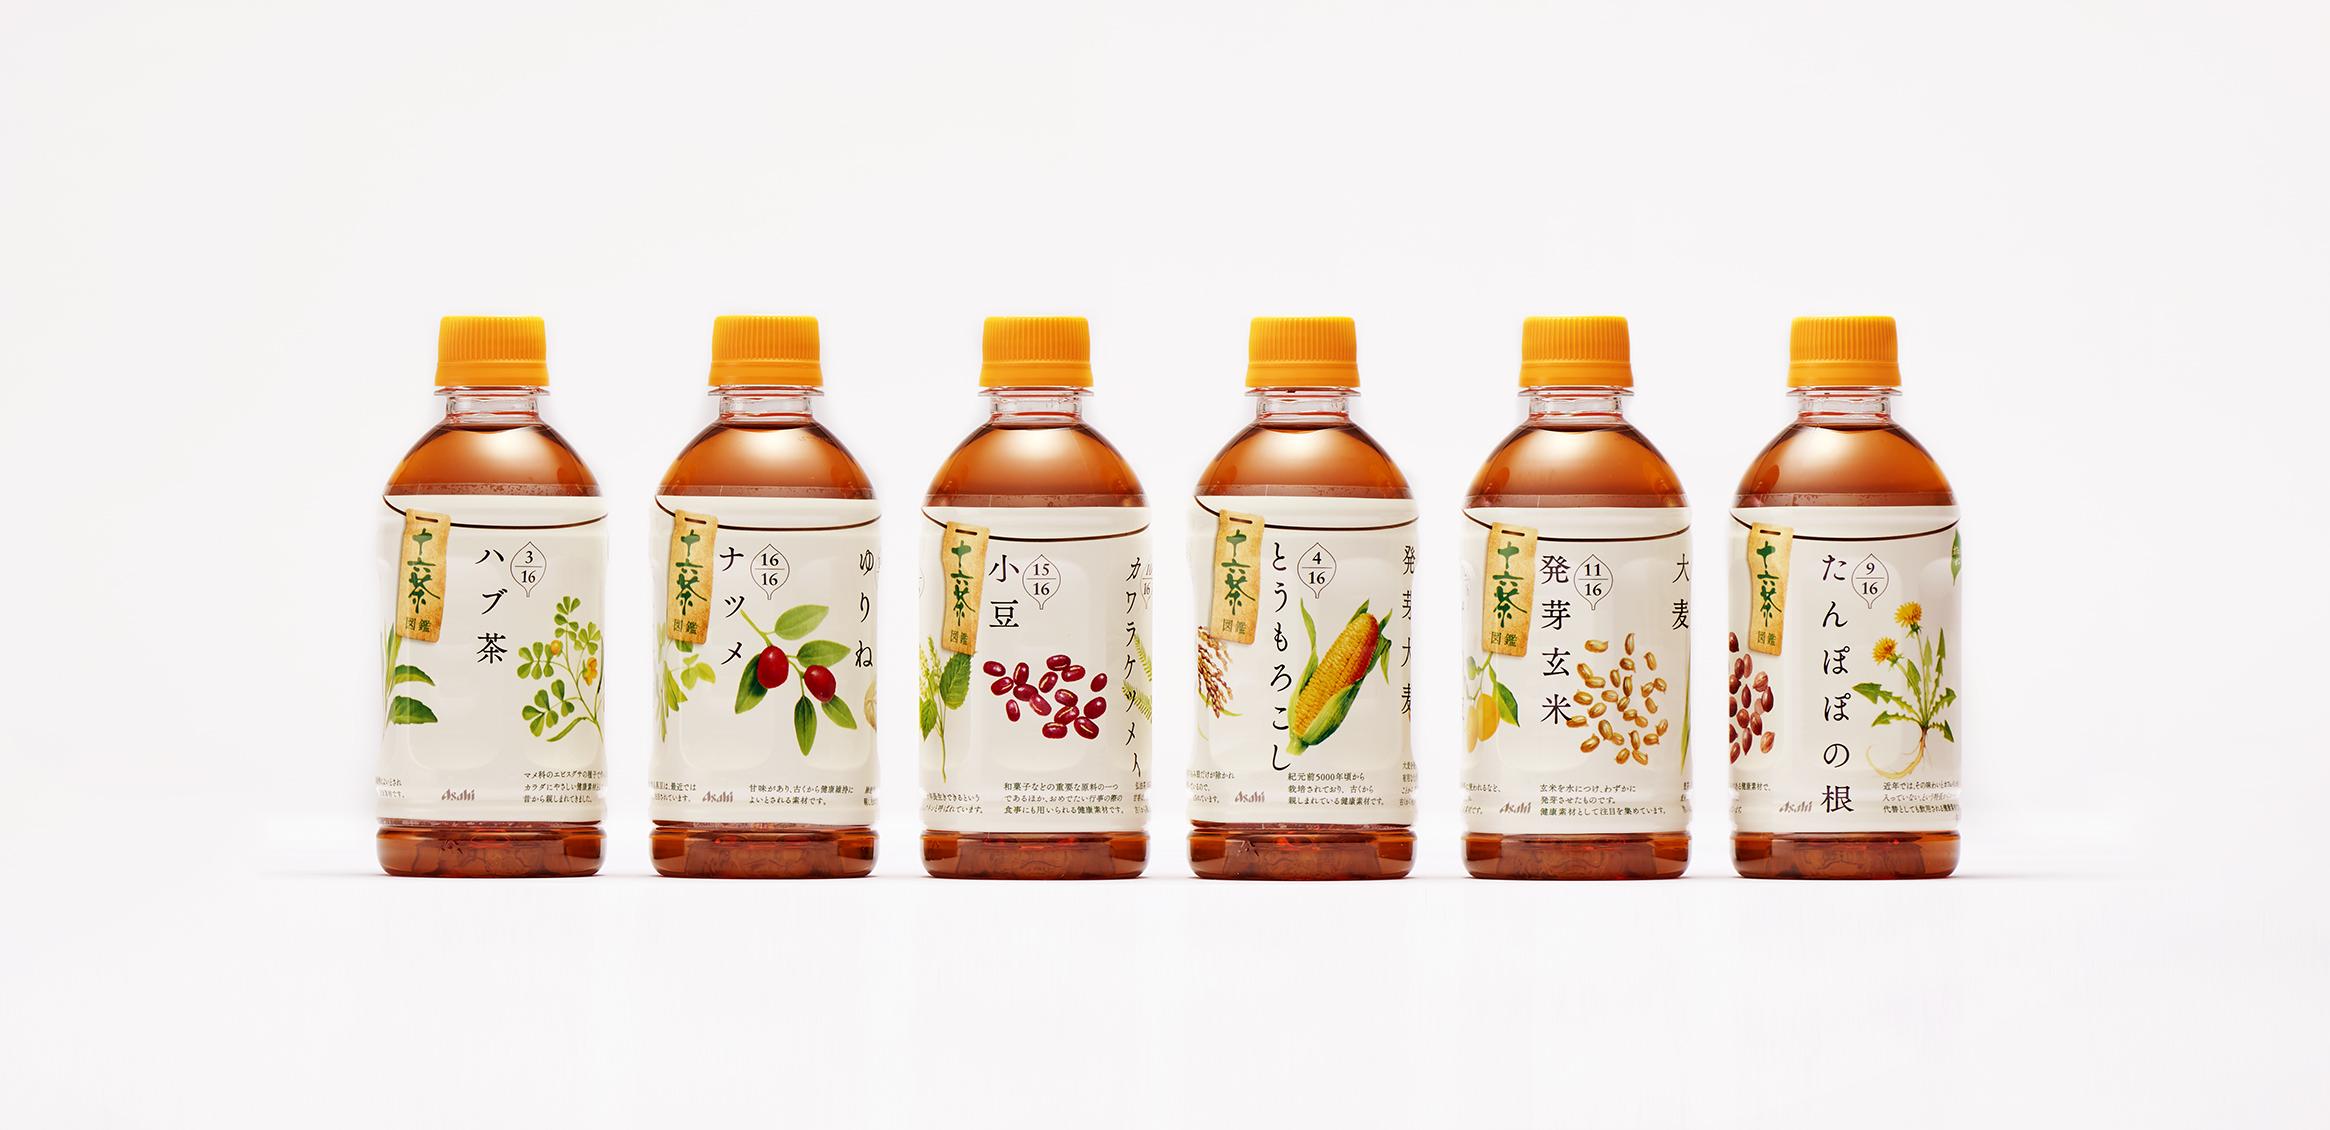 十六茶 LOHACO限定ボトル0枚目